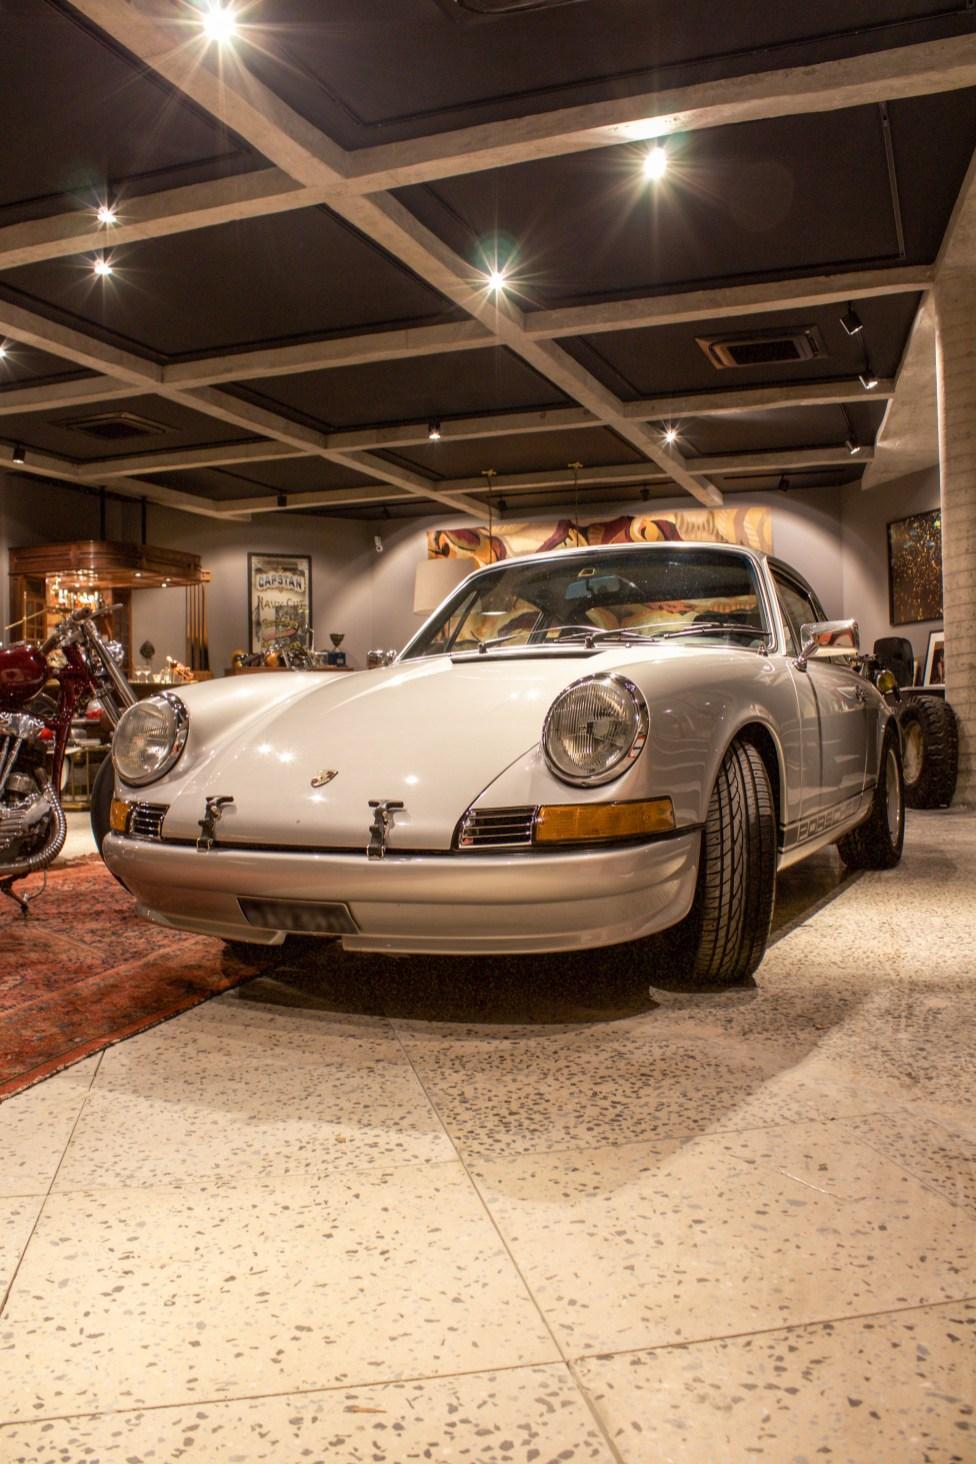 1973 Porsche 911T motor 3.2 Euro